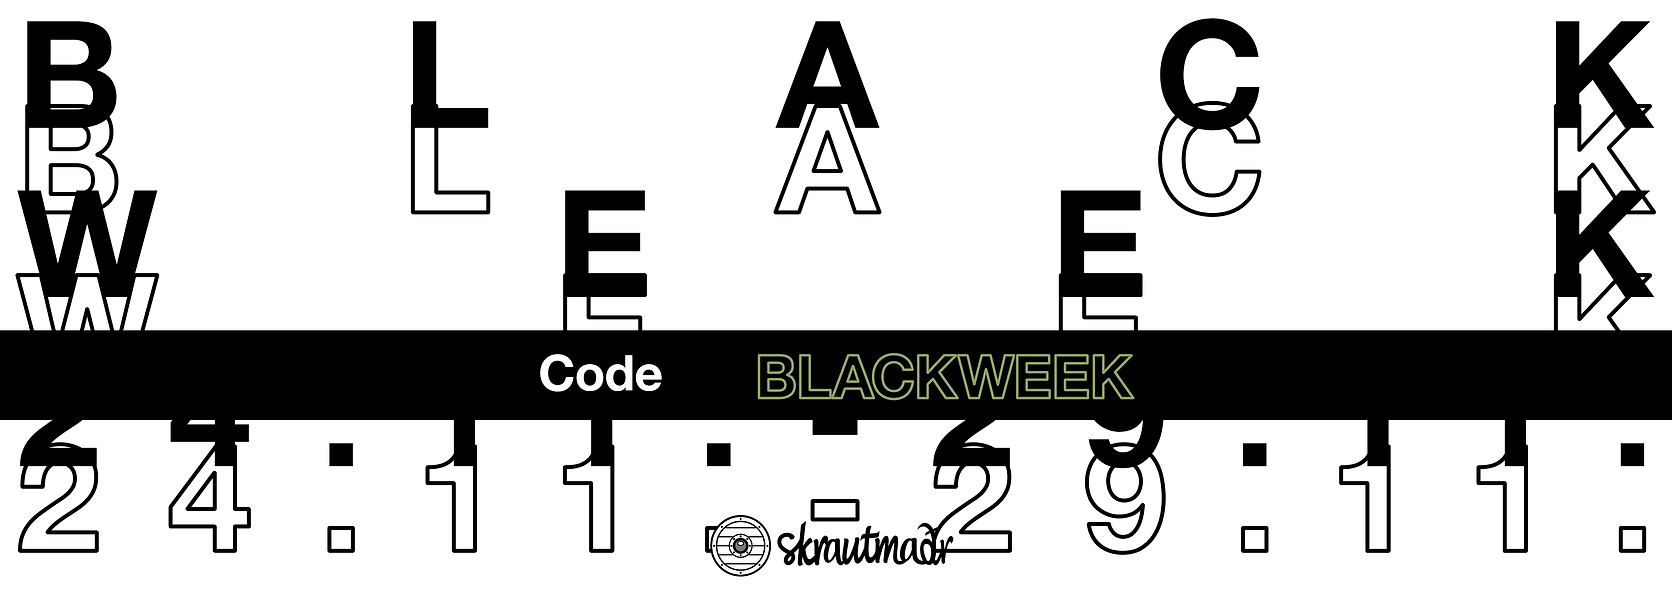 BLACK_WEEK.png